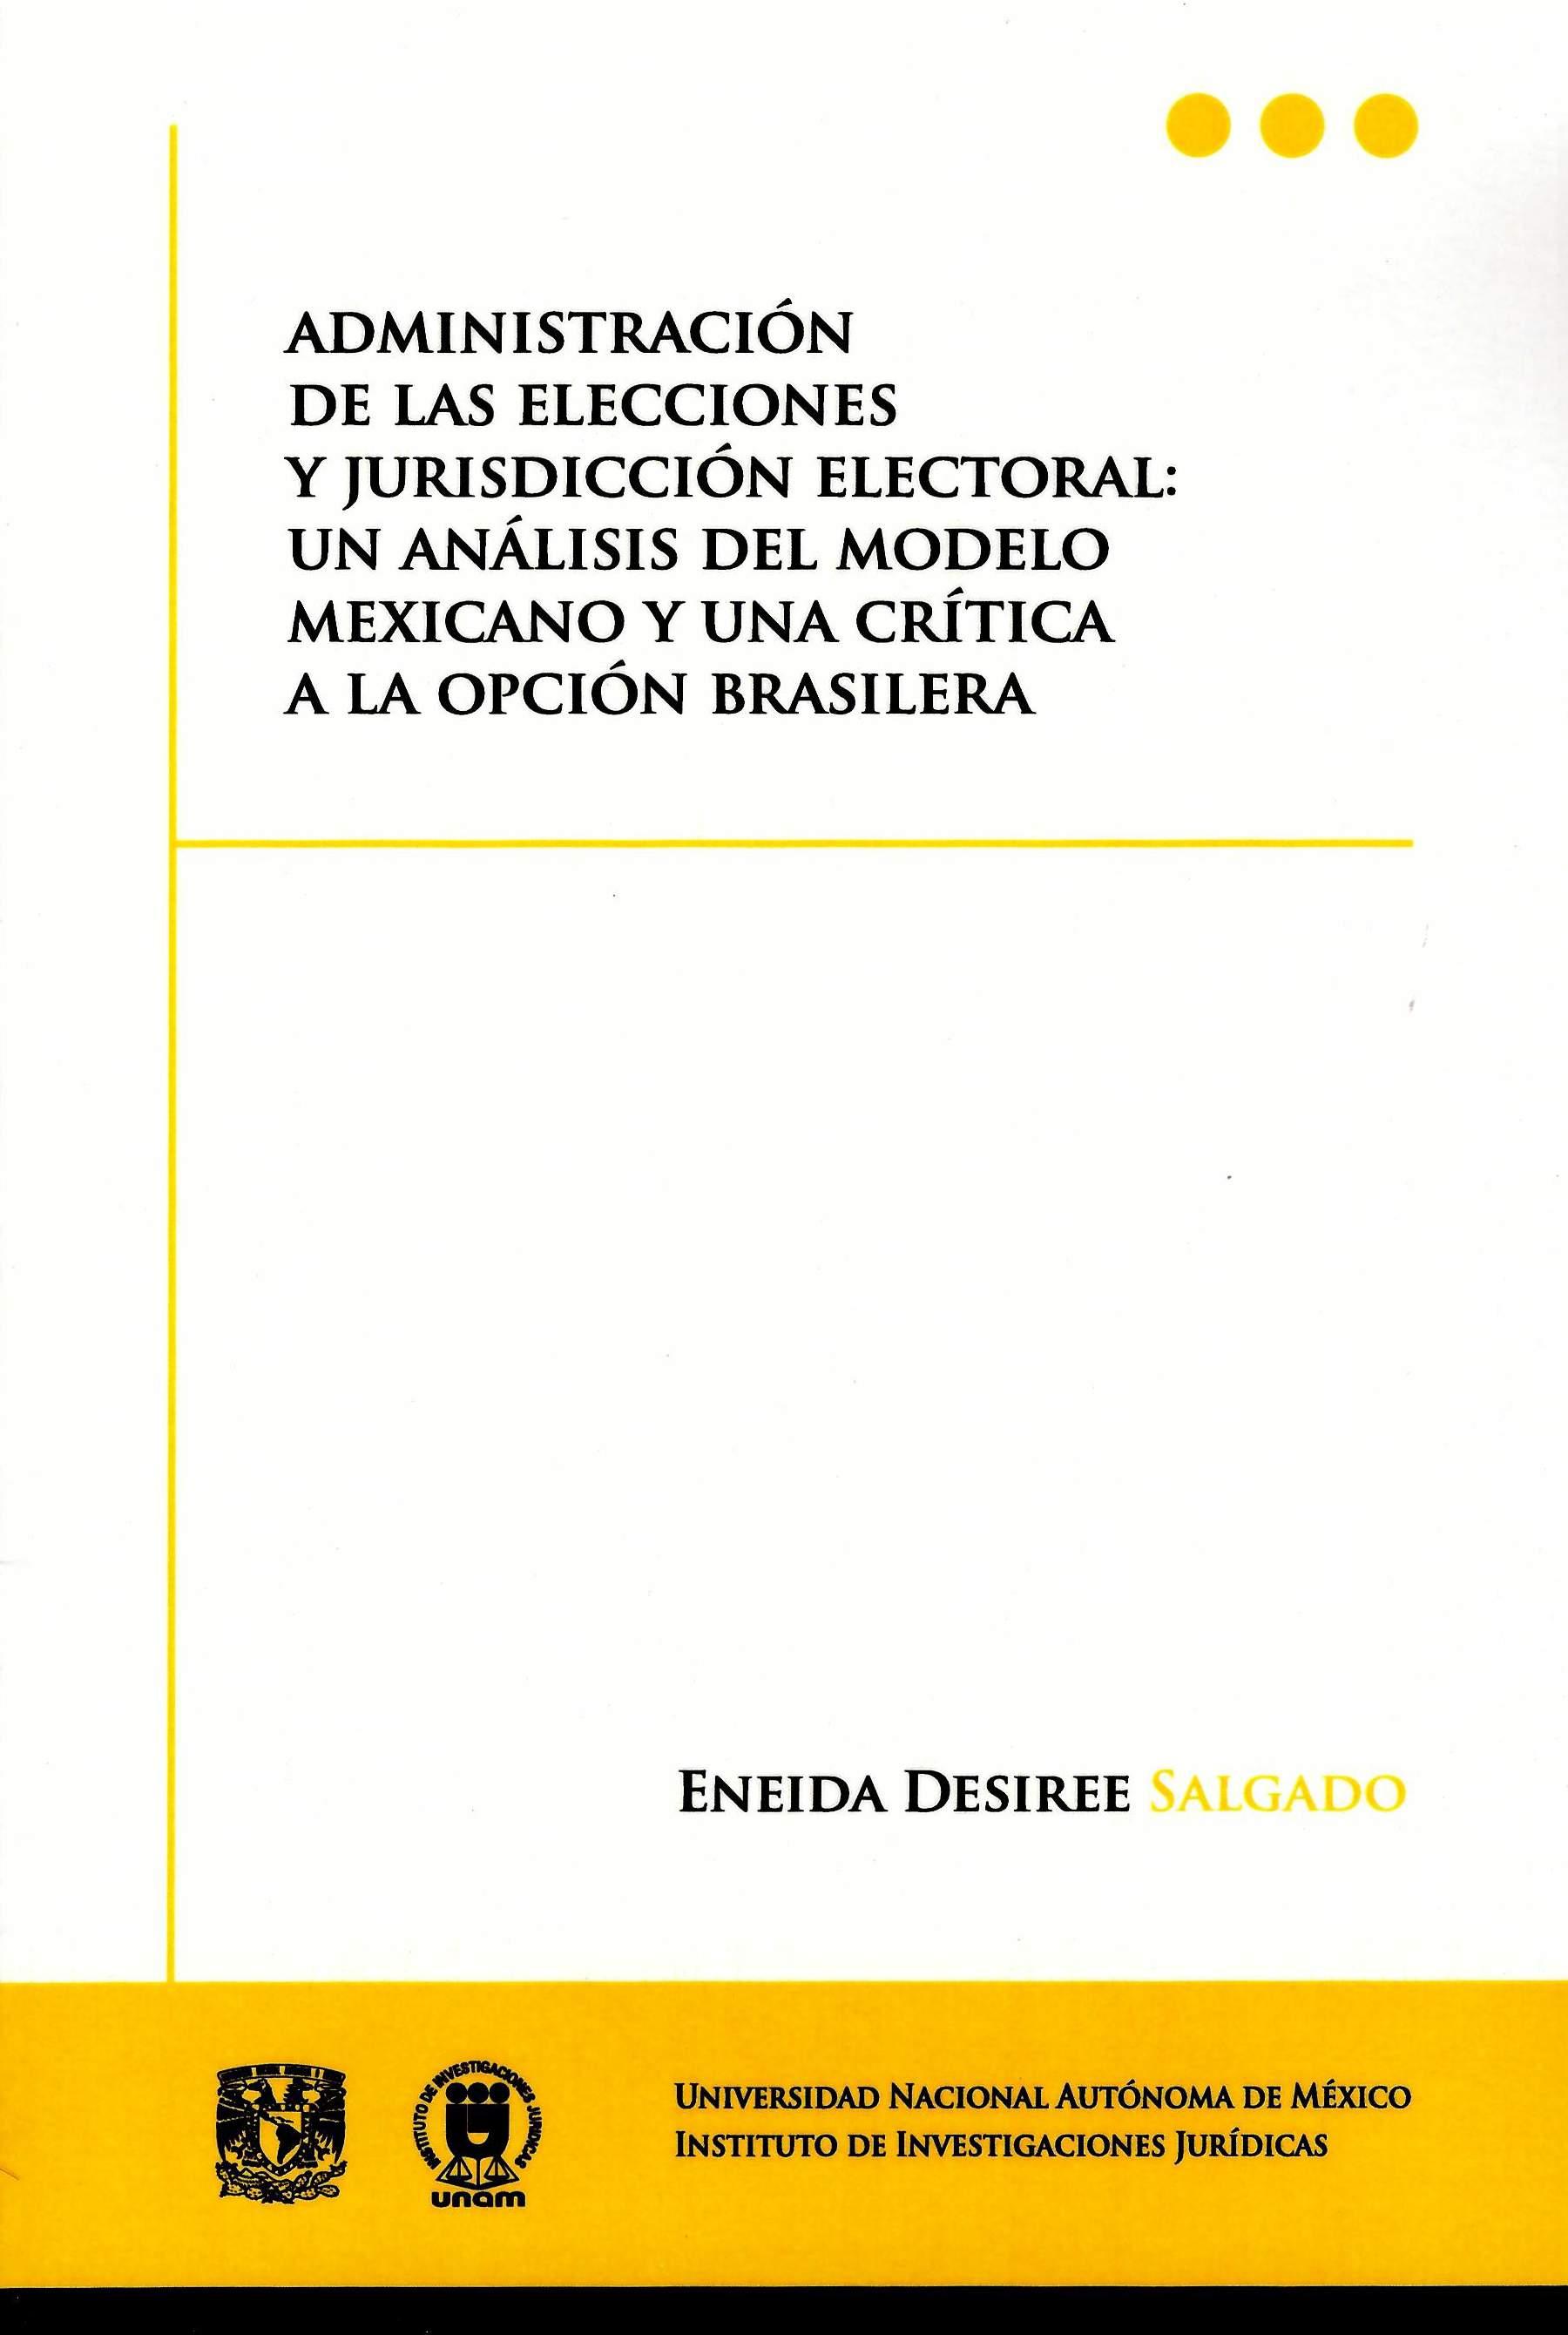 Administración de las elecciones y jurisdicción electoral: un análisis del modelo mexicano y una crítica a la opción brasilera